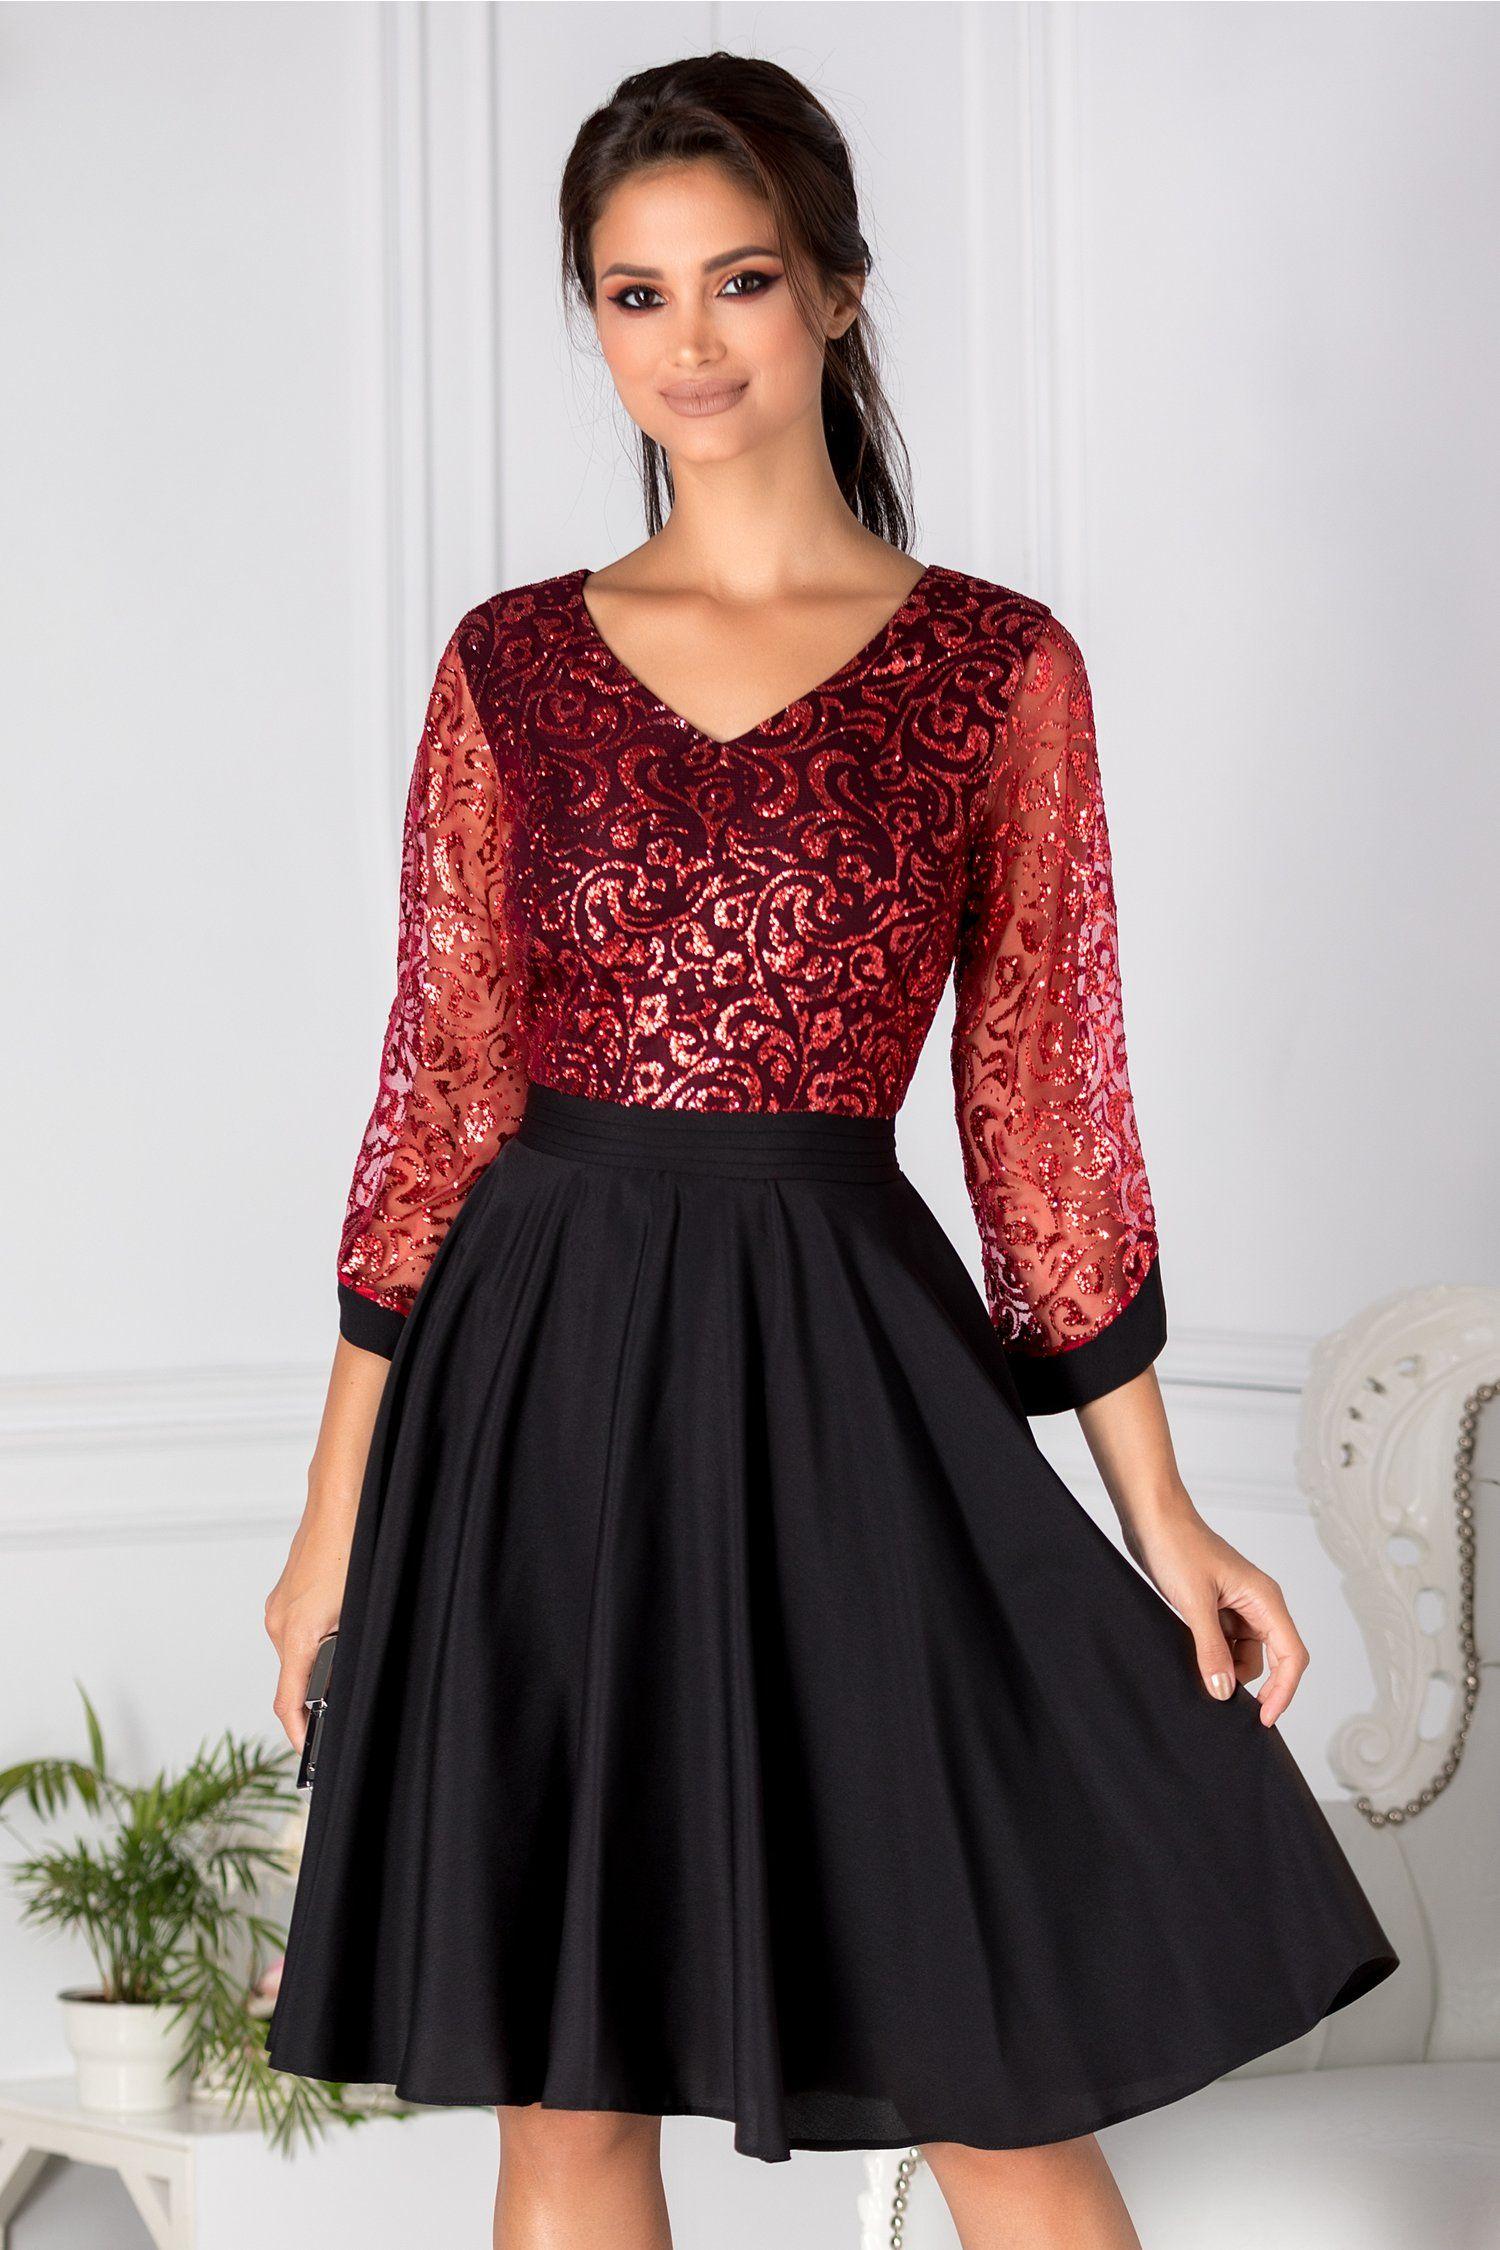 Imagini pentru rochie de seară negru si rosu